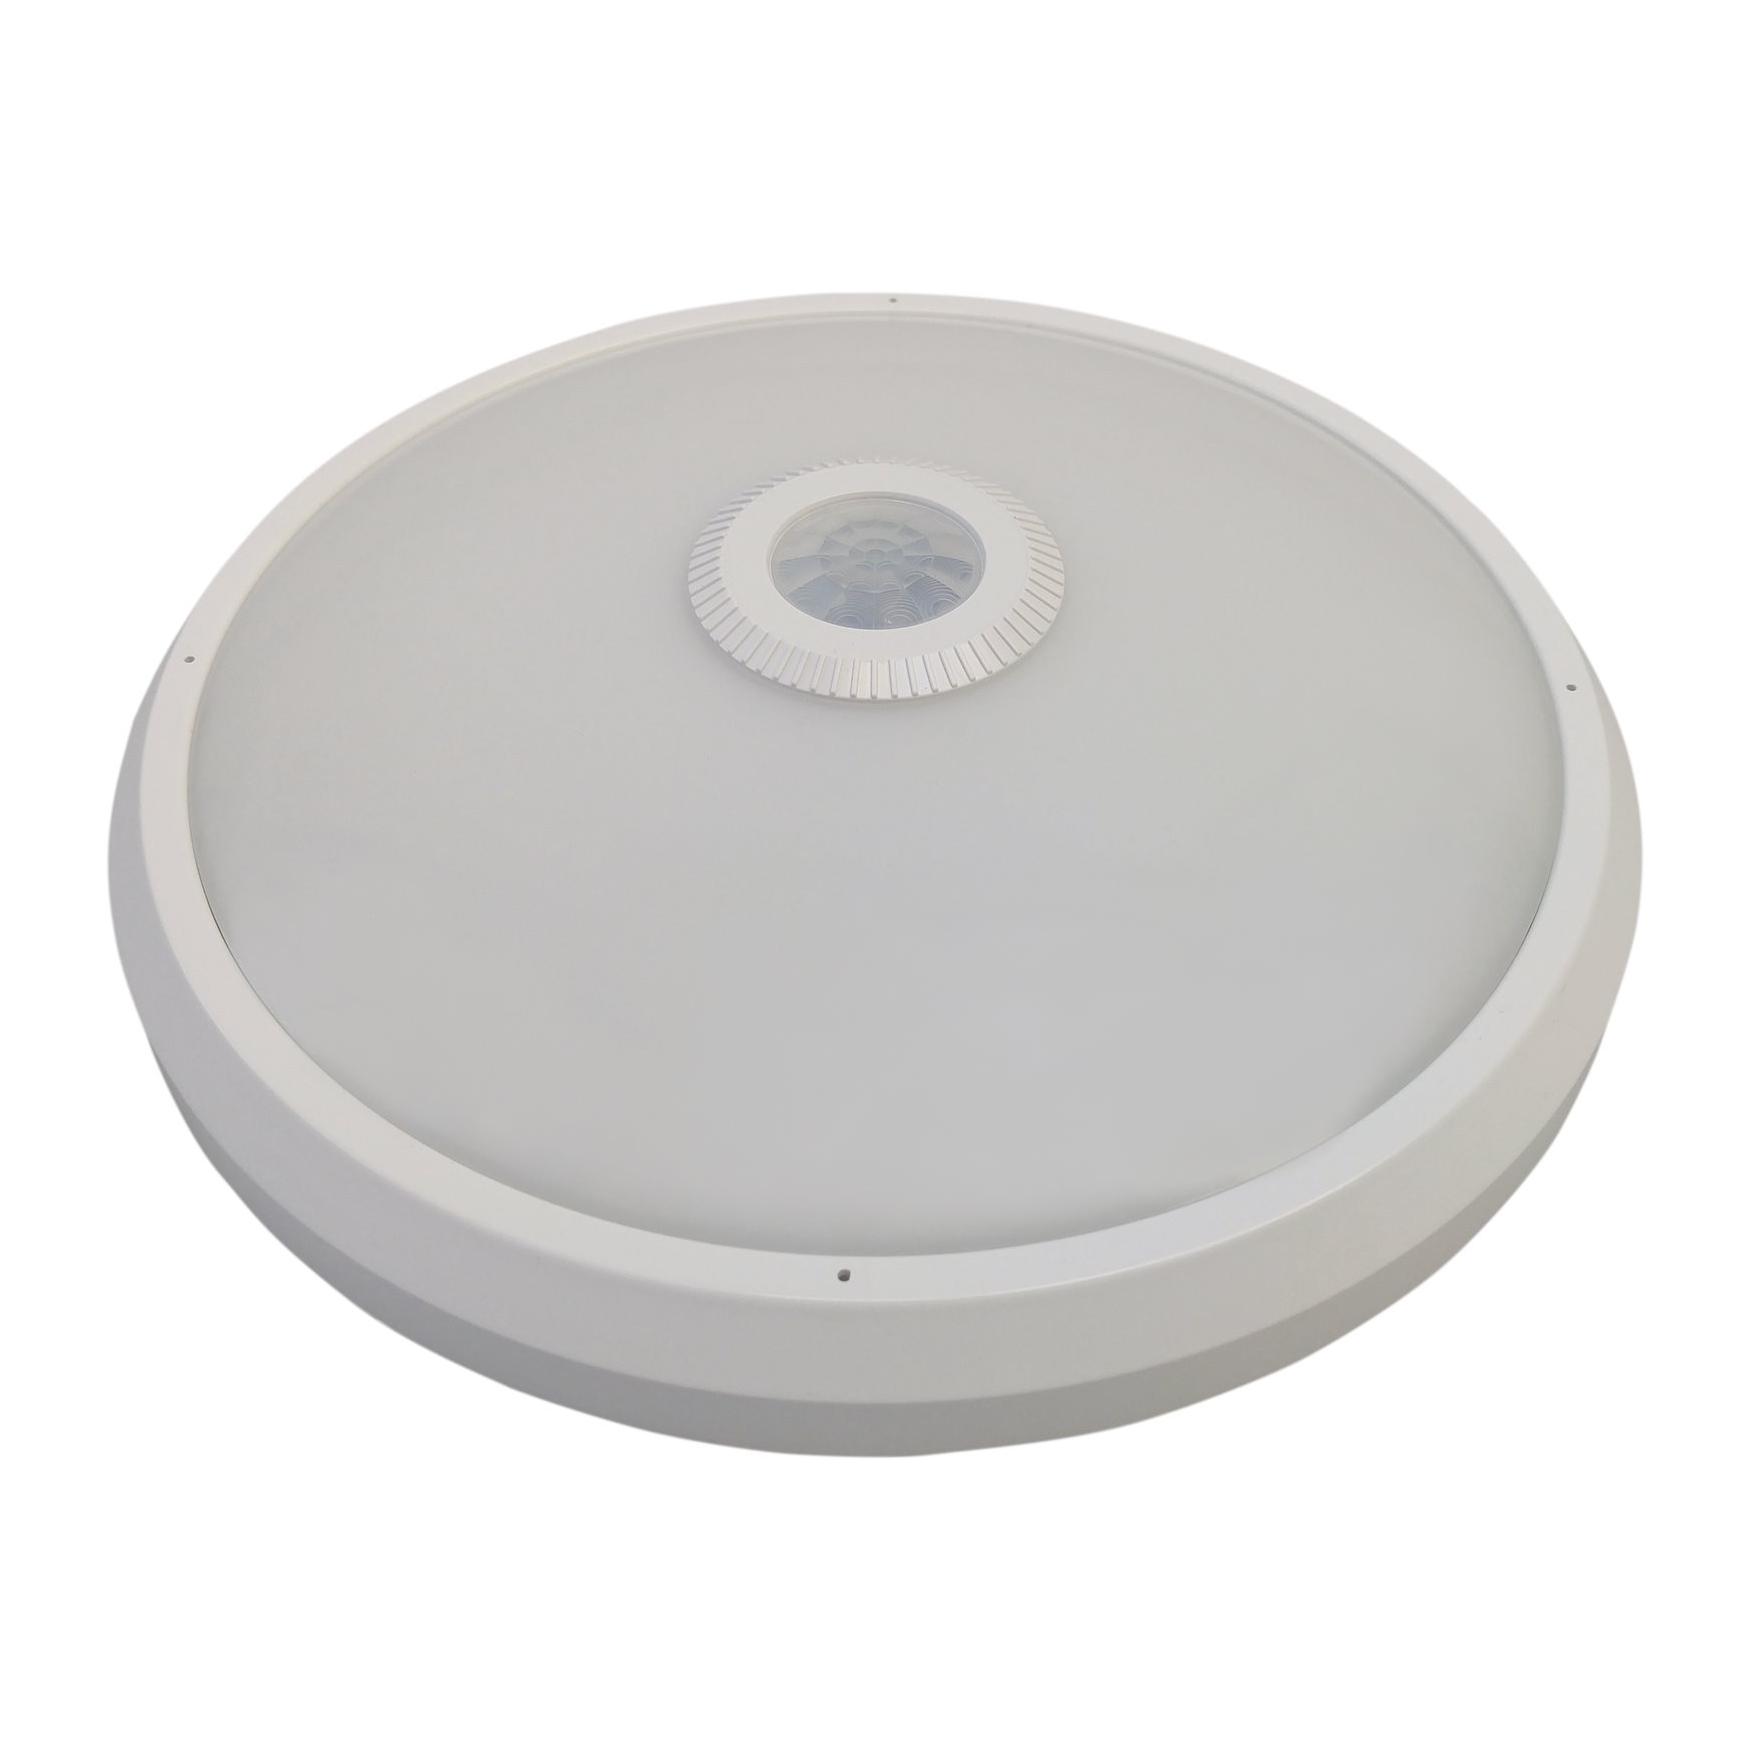 LED přisazené senzorové svítidlo MANA IP54 16W NW - Greenlux (GXPS012)